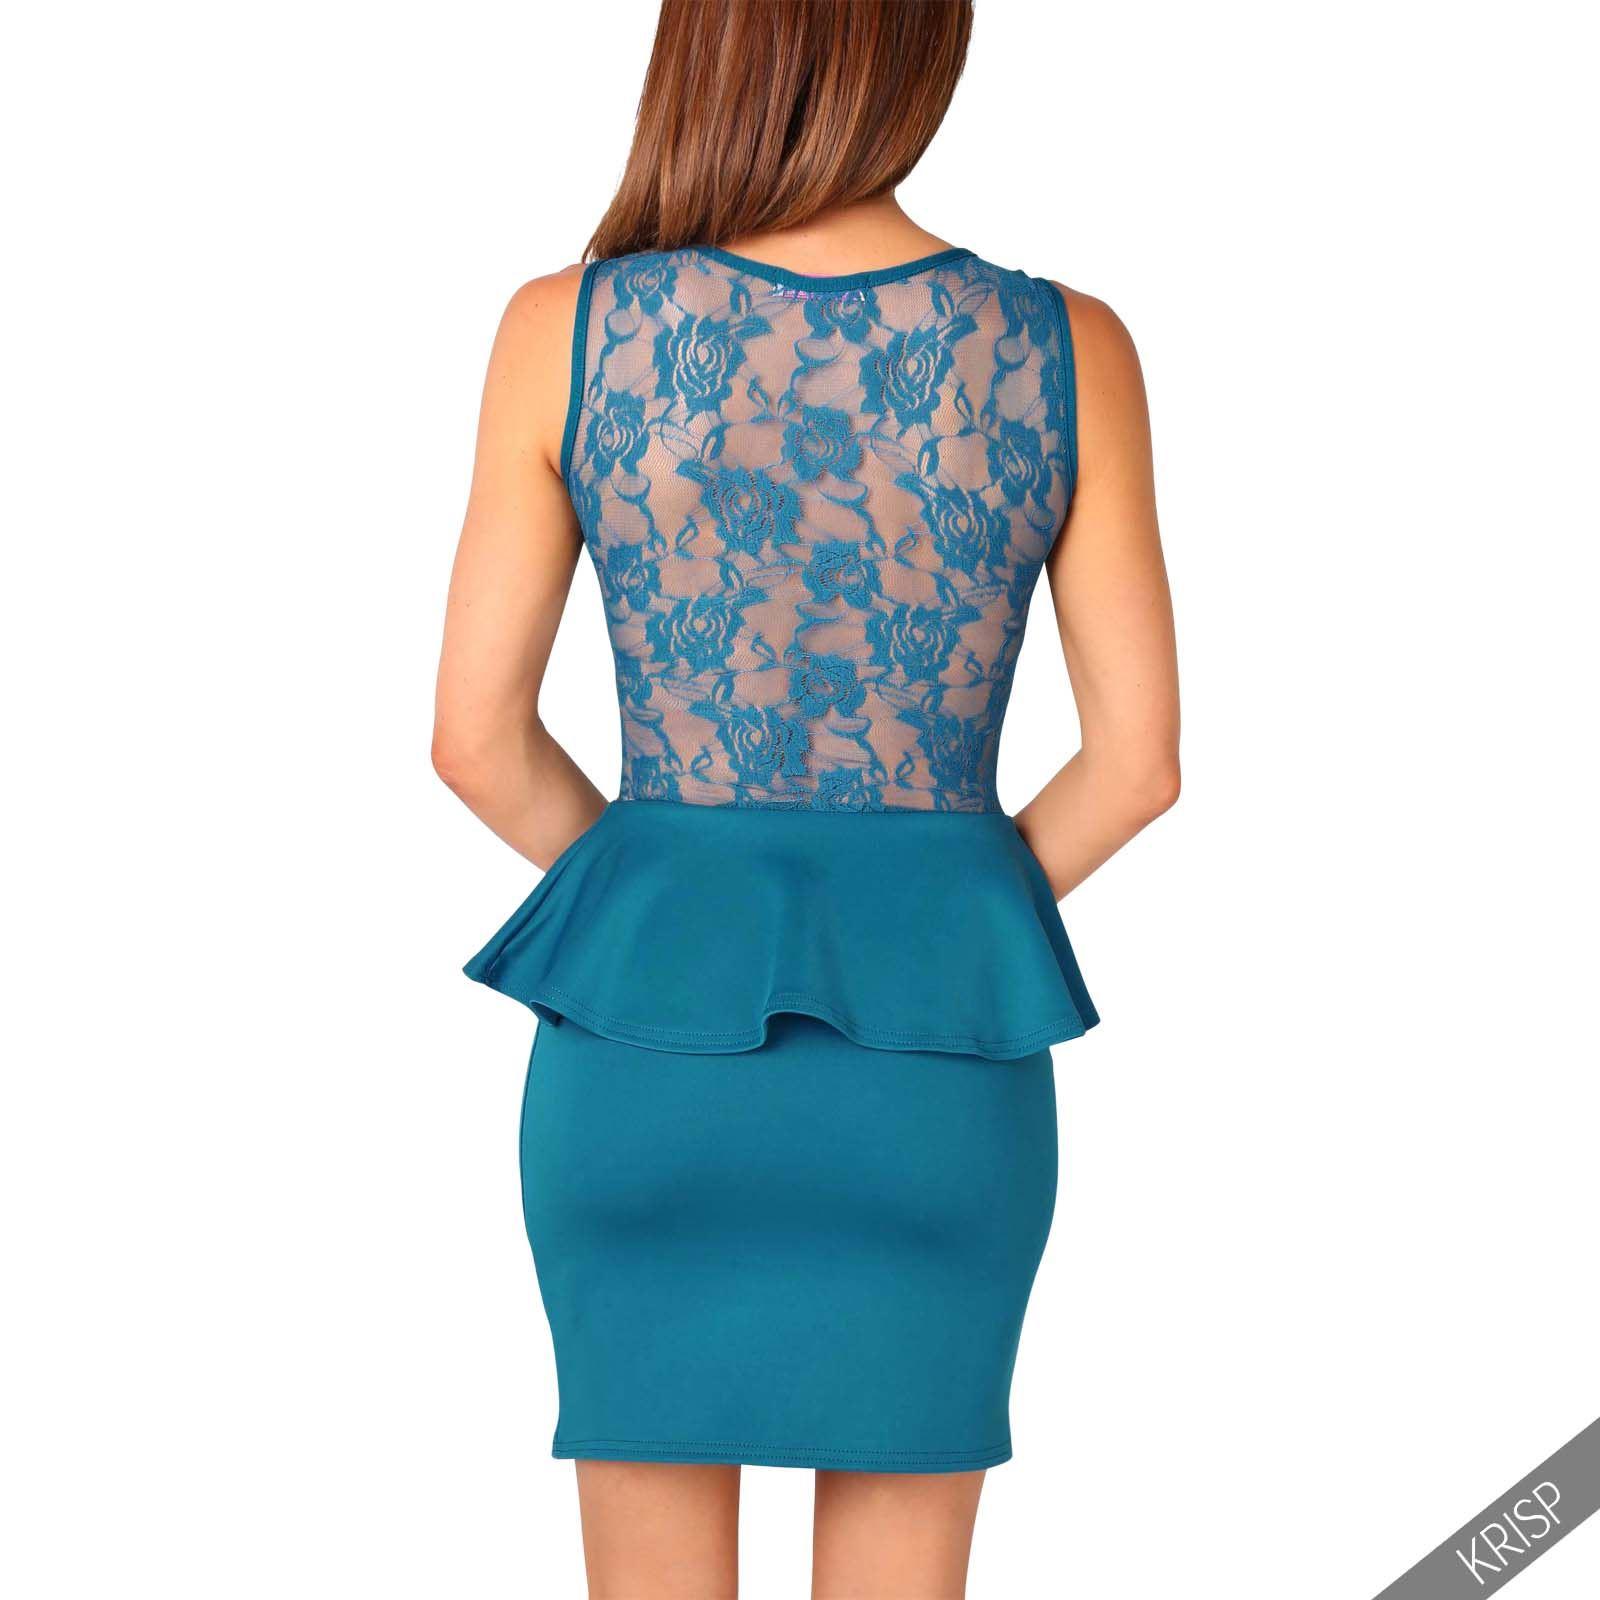 Krisp-Mujer-Vestido-Ajustado-Elastico-Peplo-de-tubo-Encaje-Volante-Mini-Oficina